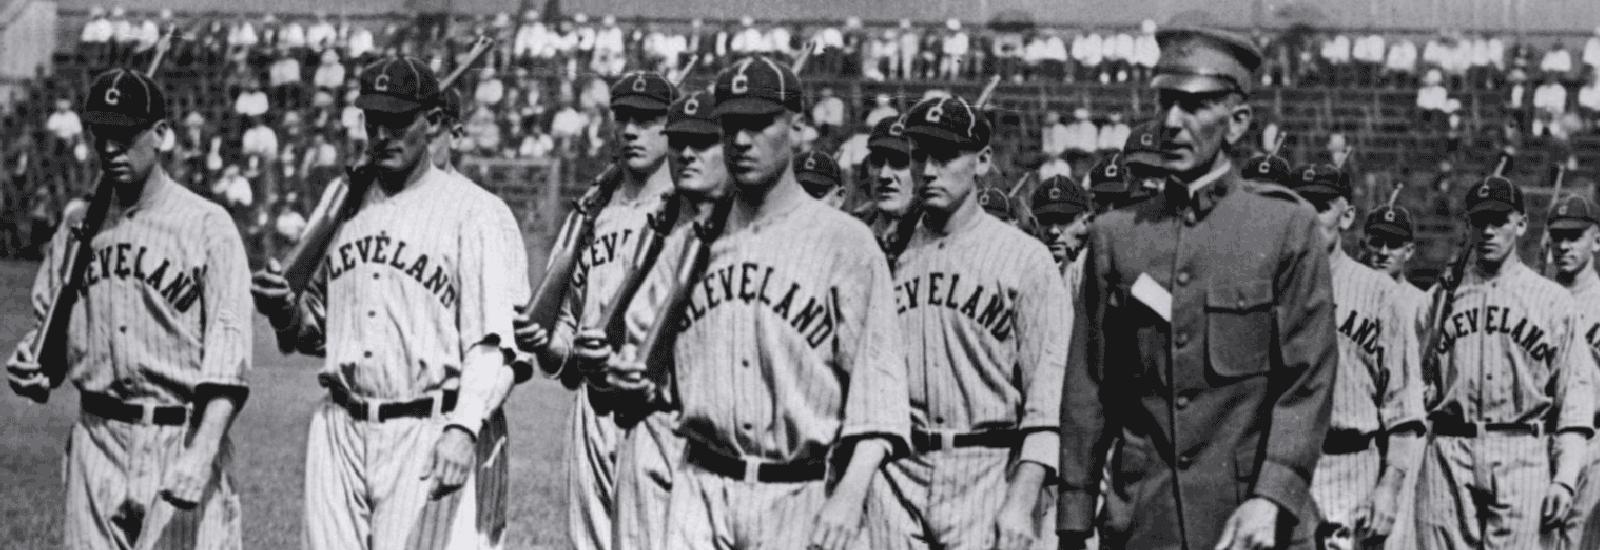 Baseball Hall of Fame Veterans